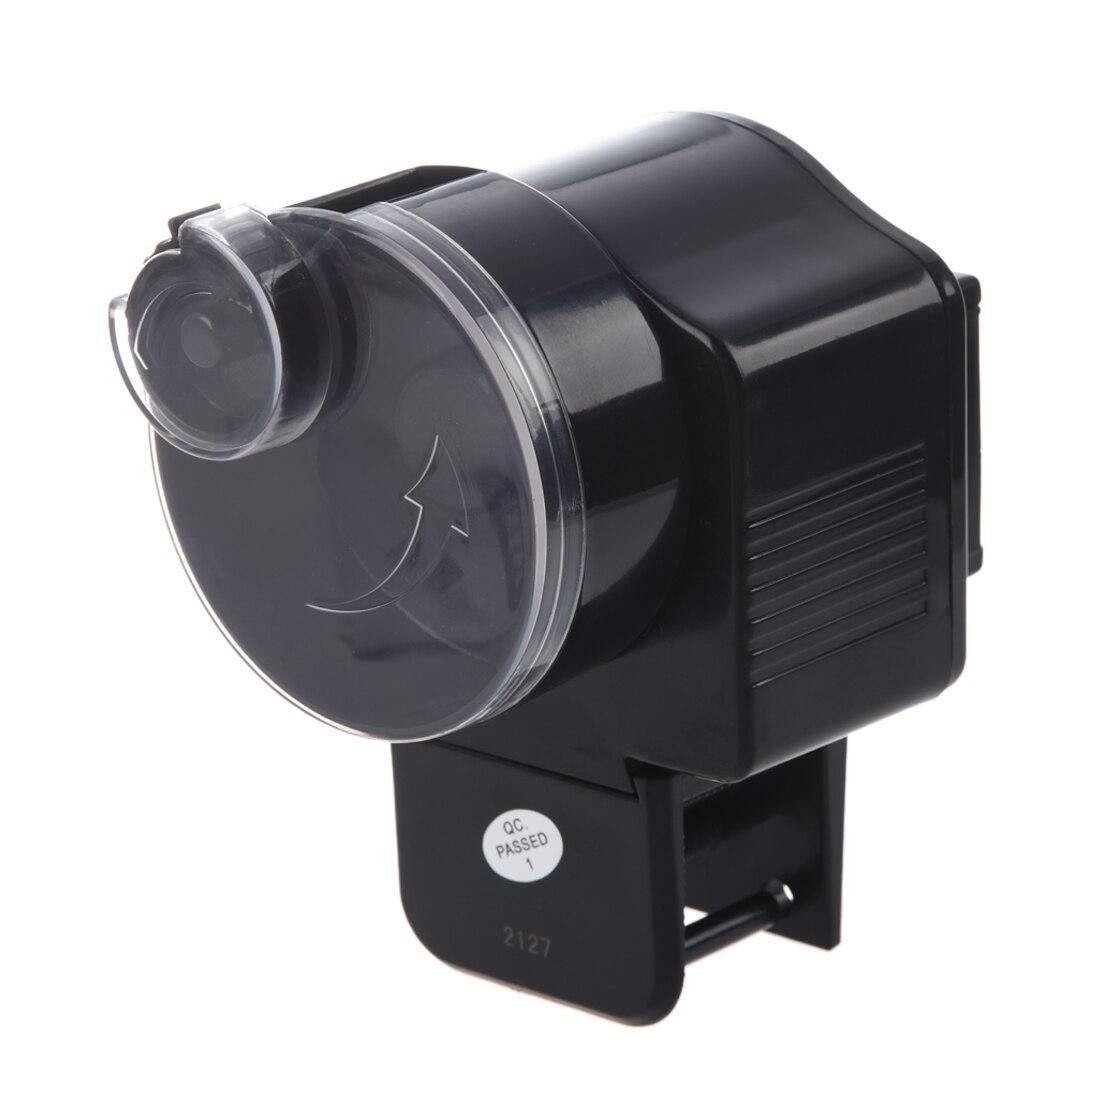 Автоматический аквариумный пруд для рыб кормушка дозатор с таймером для аквариума/чаши